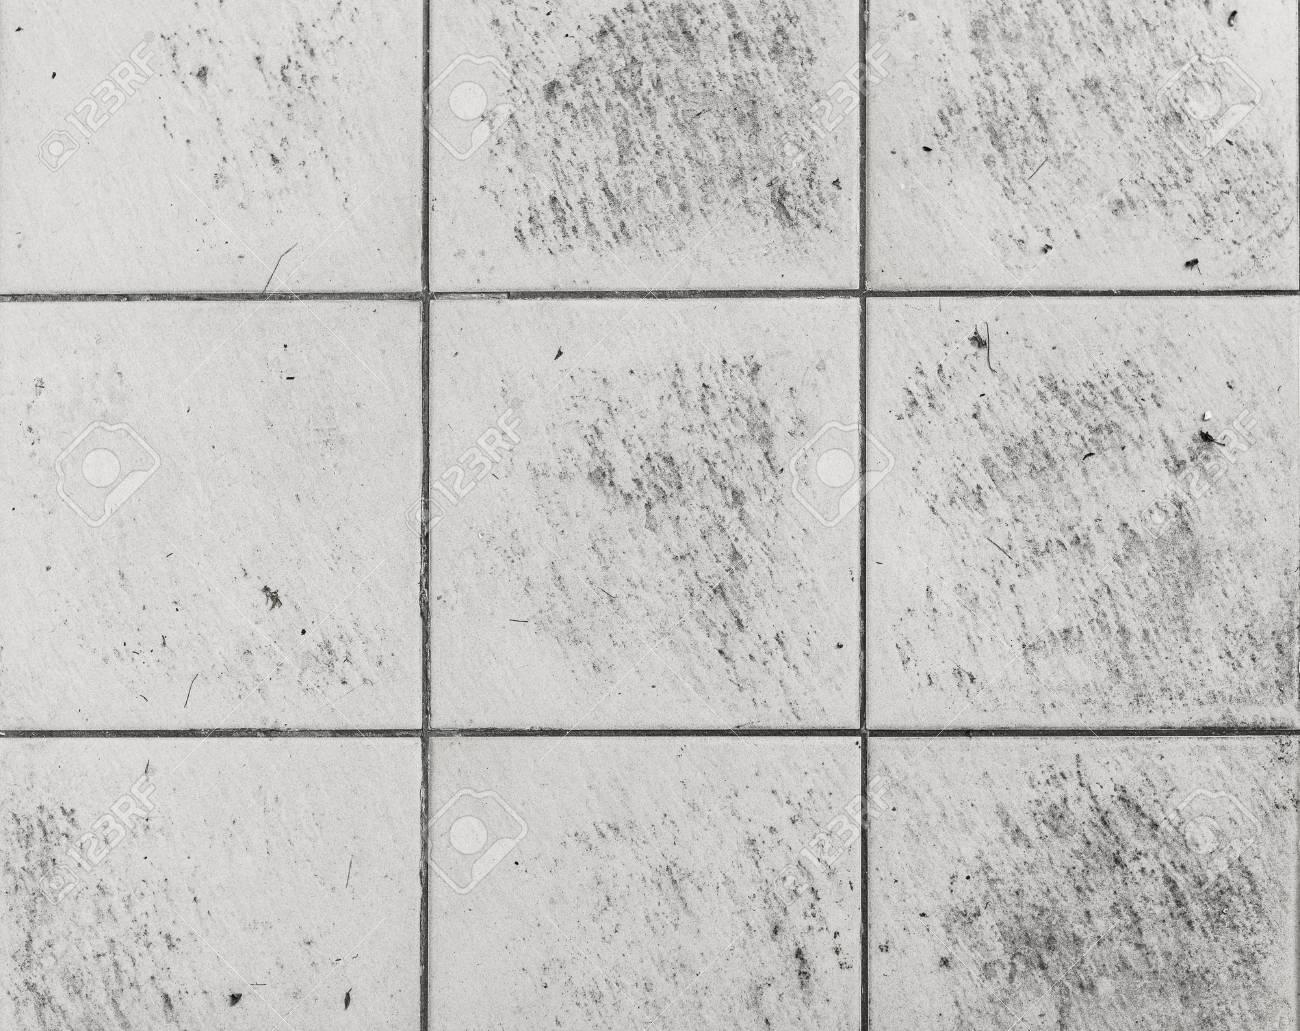 Innen  Oder Außen Bad Oder In Der Küche Platz Keramikfliesen. Foto Von  Innenböden Mit